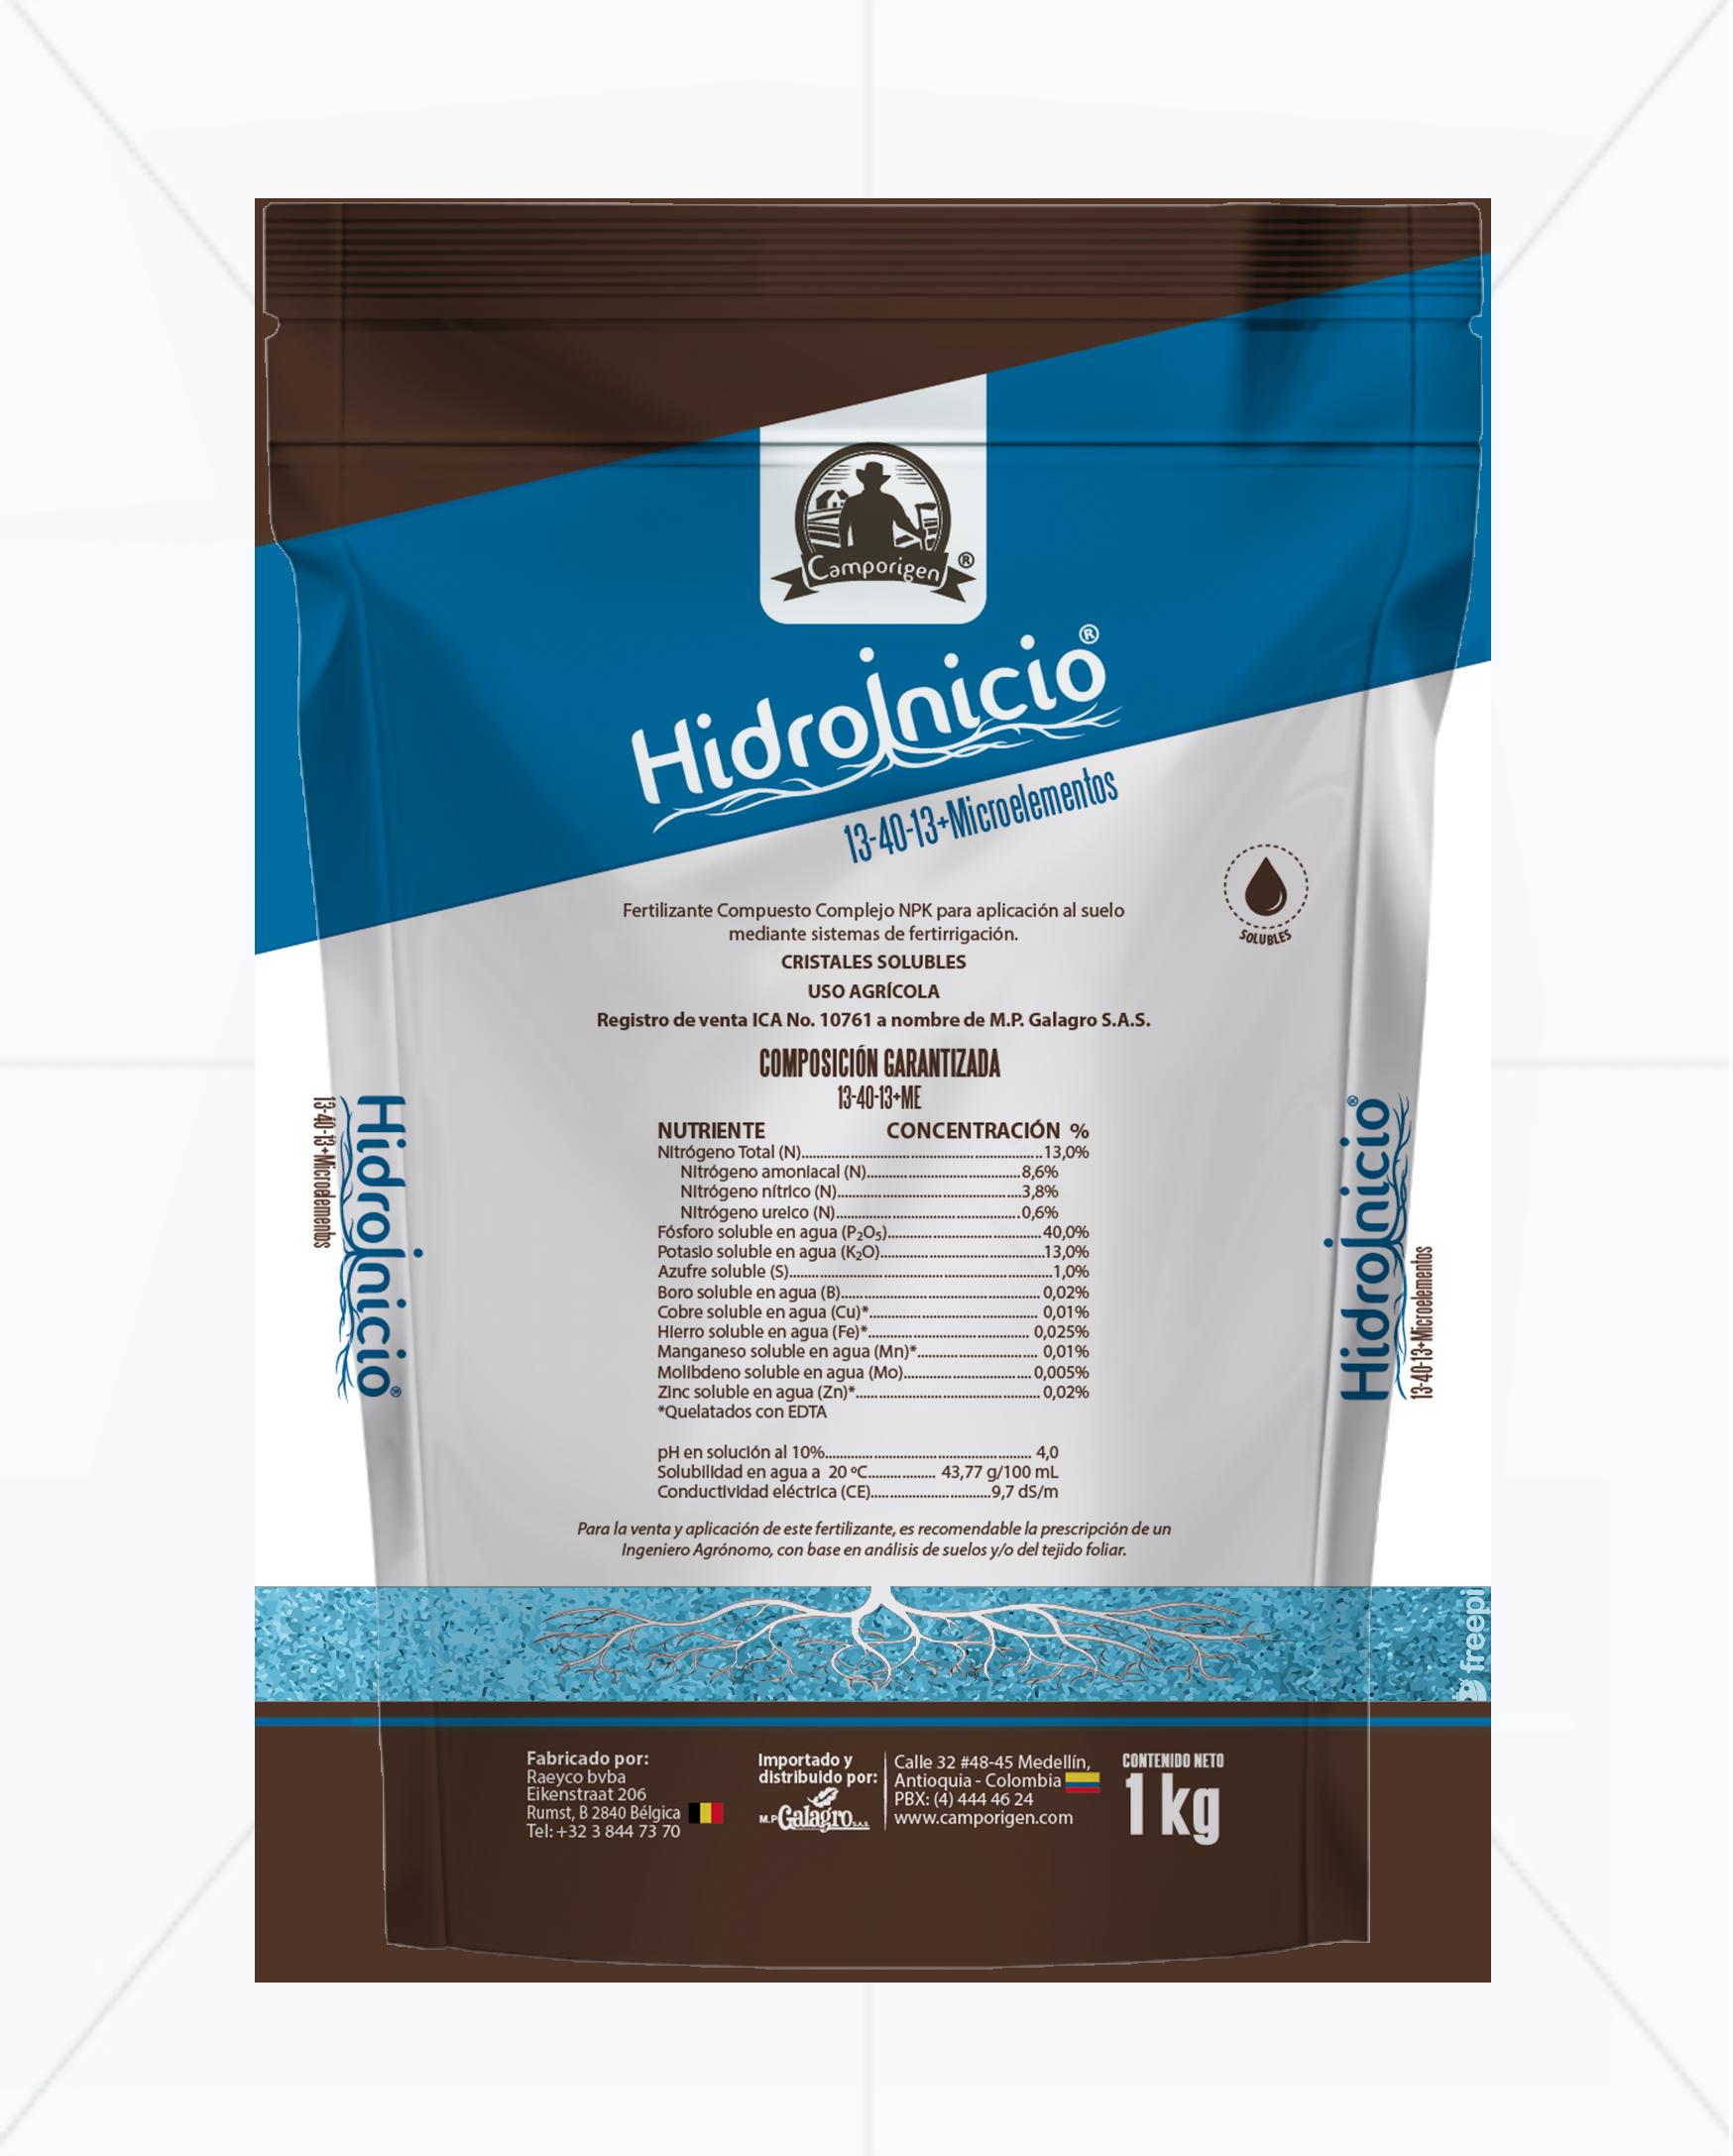 111632 hidroinicio 1 kg